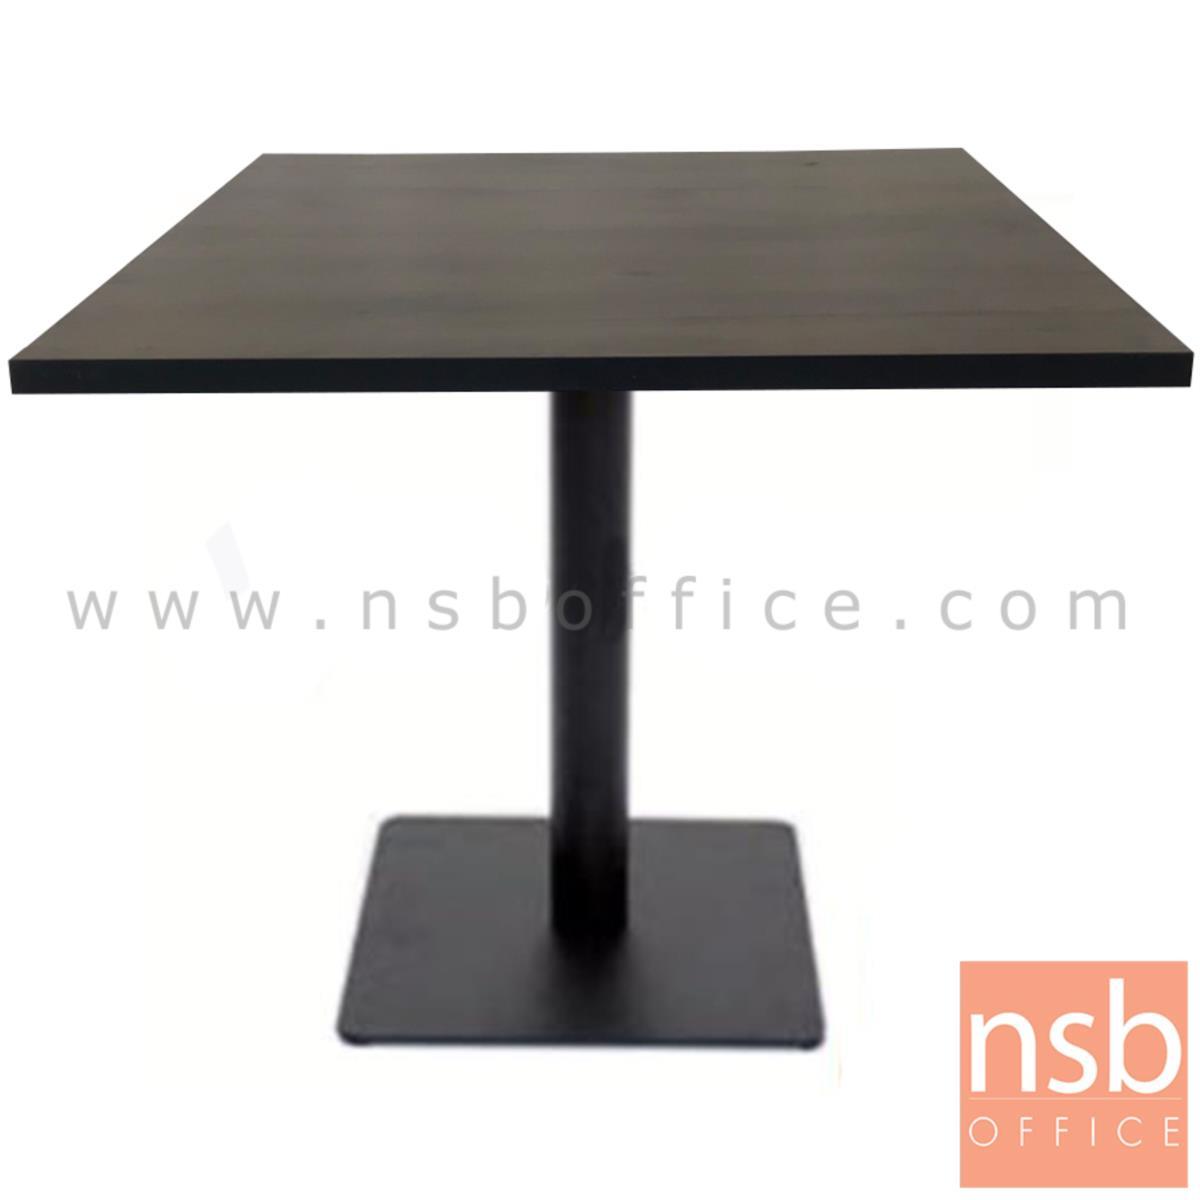 ขาโต๊ะบาร์สี่เหลี่ยมแบบแบน SQ-BLACK